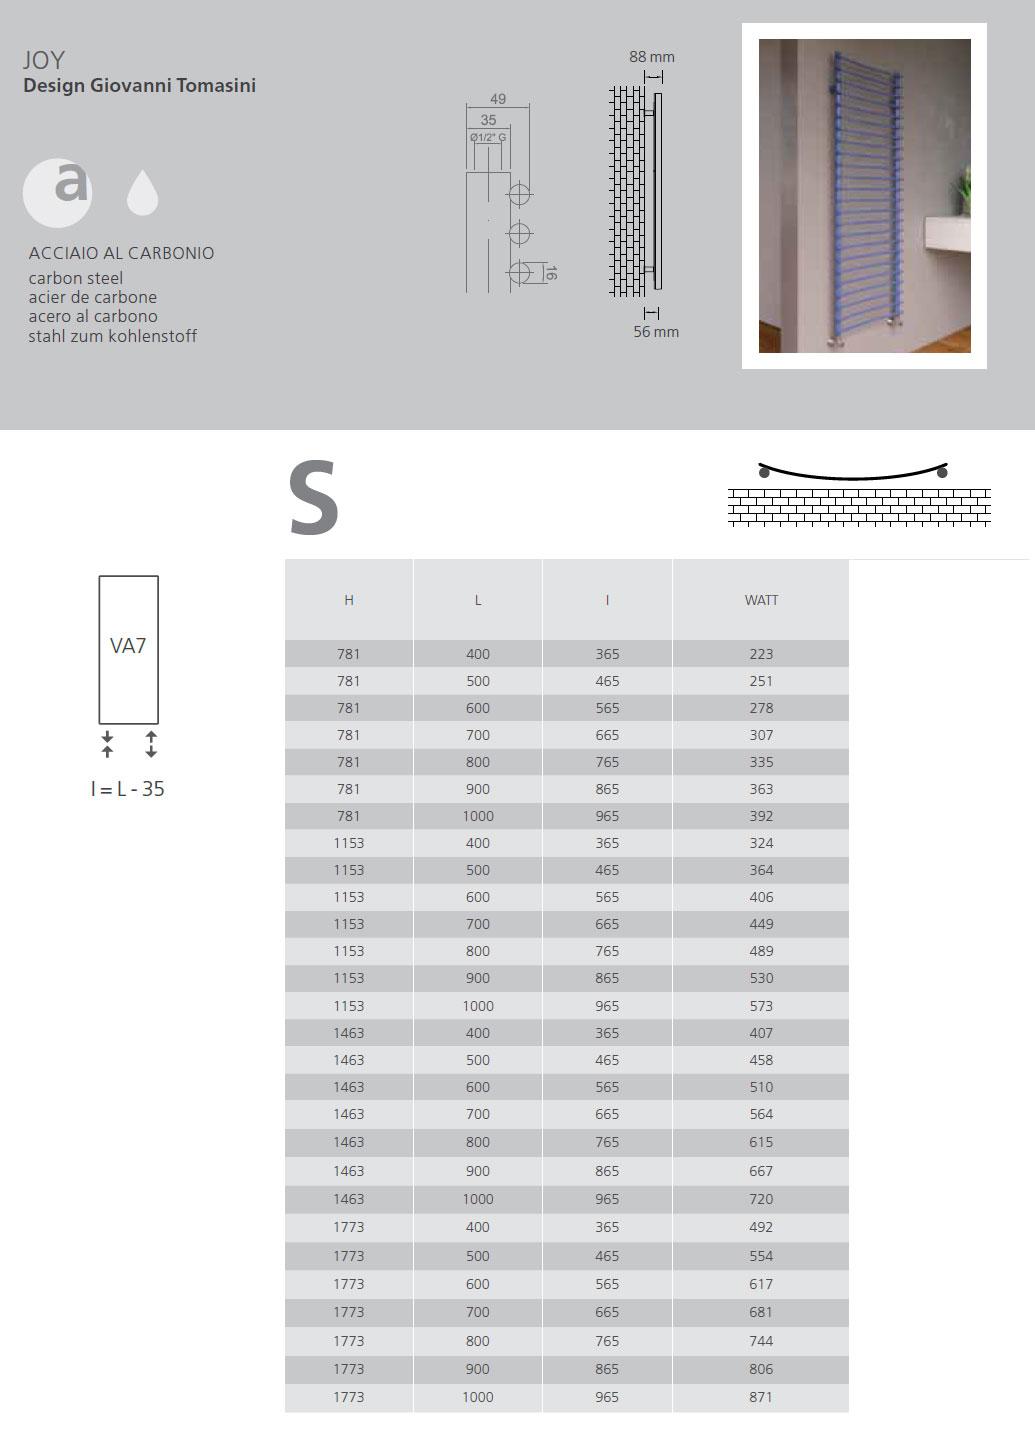 fiche-technique-seche-serviettes-graziano-radiators-joy-2019